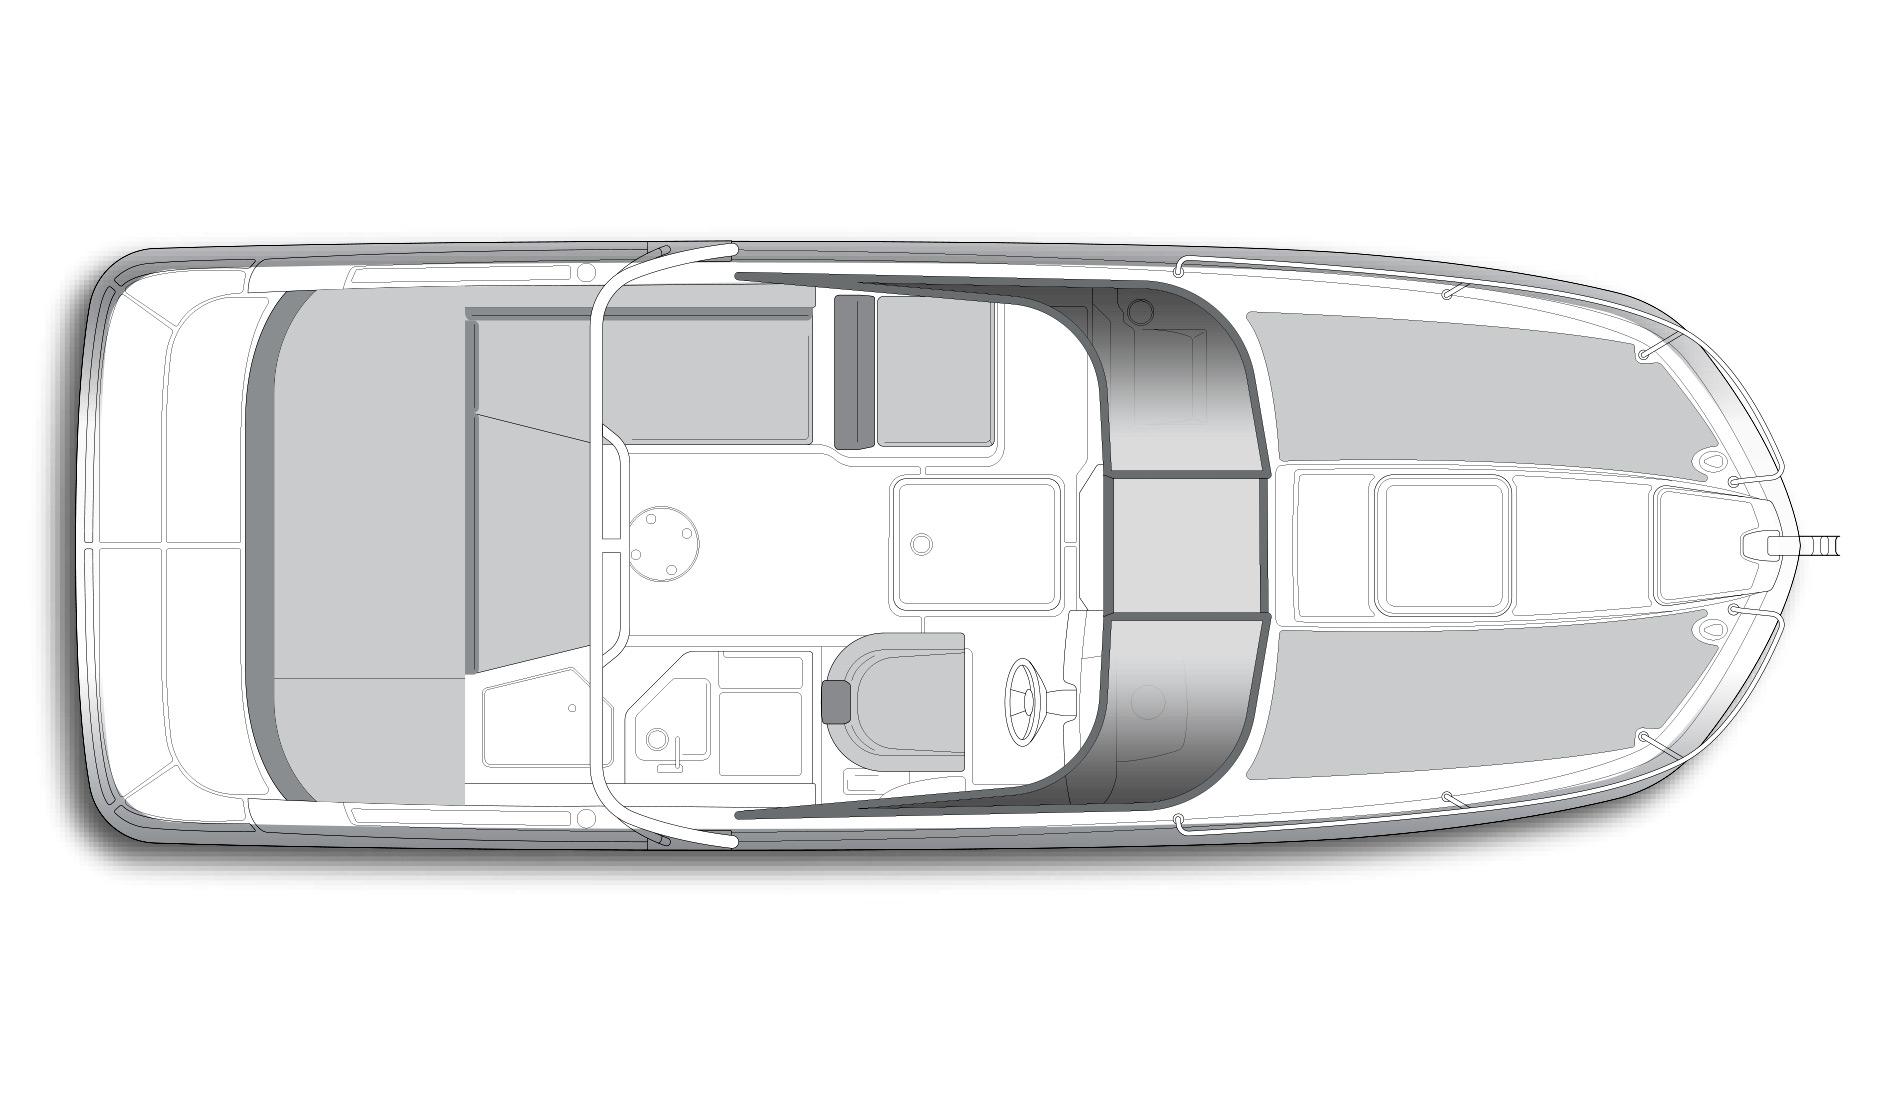 Купить Bayliner Cuddy VR6 новый в наличии